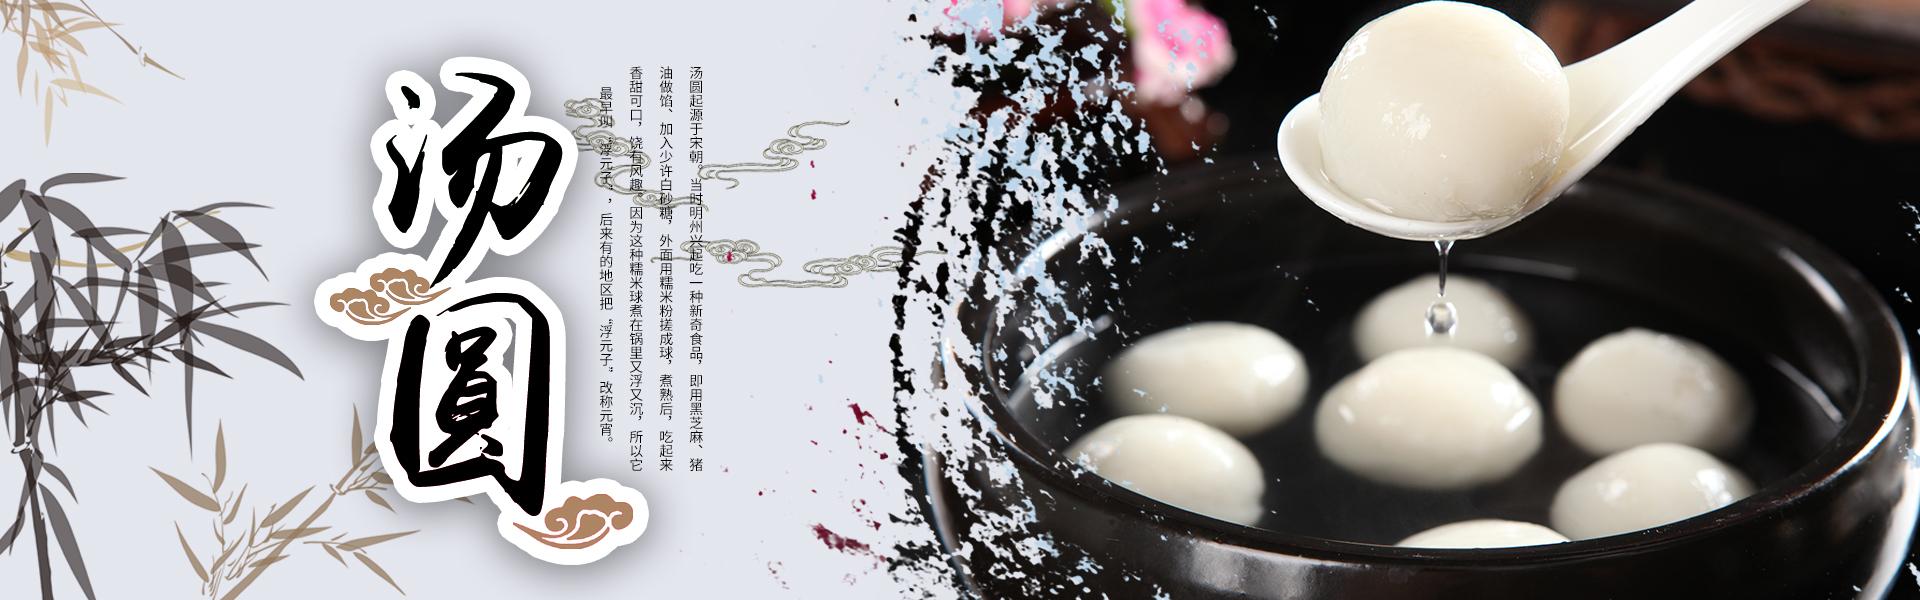 万博max饺子厂家,万博max馄饨批发,山东粽子生产厂家,万博max手工馒头厂家